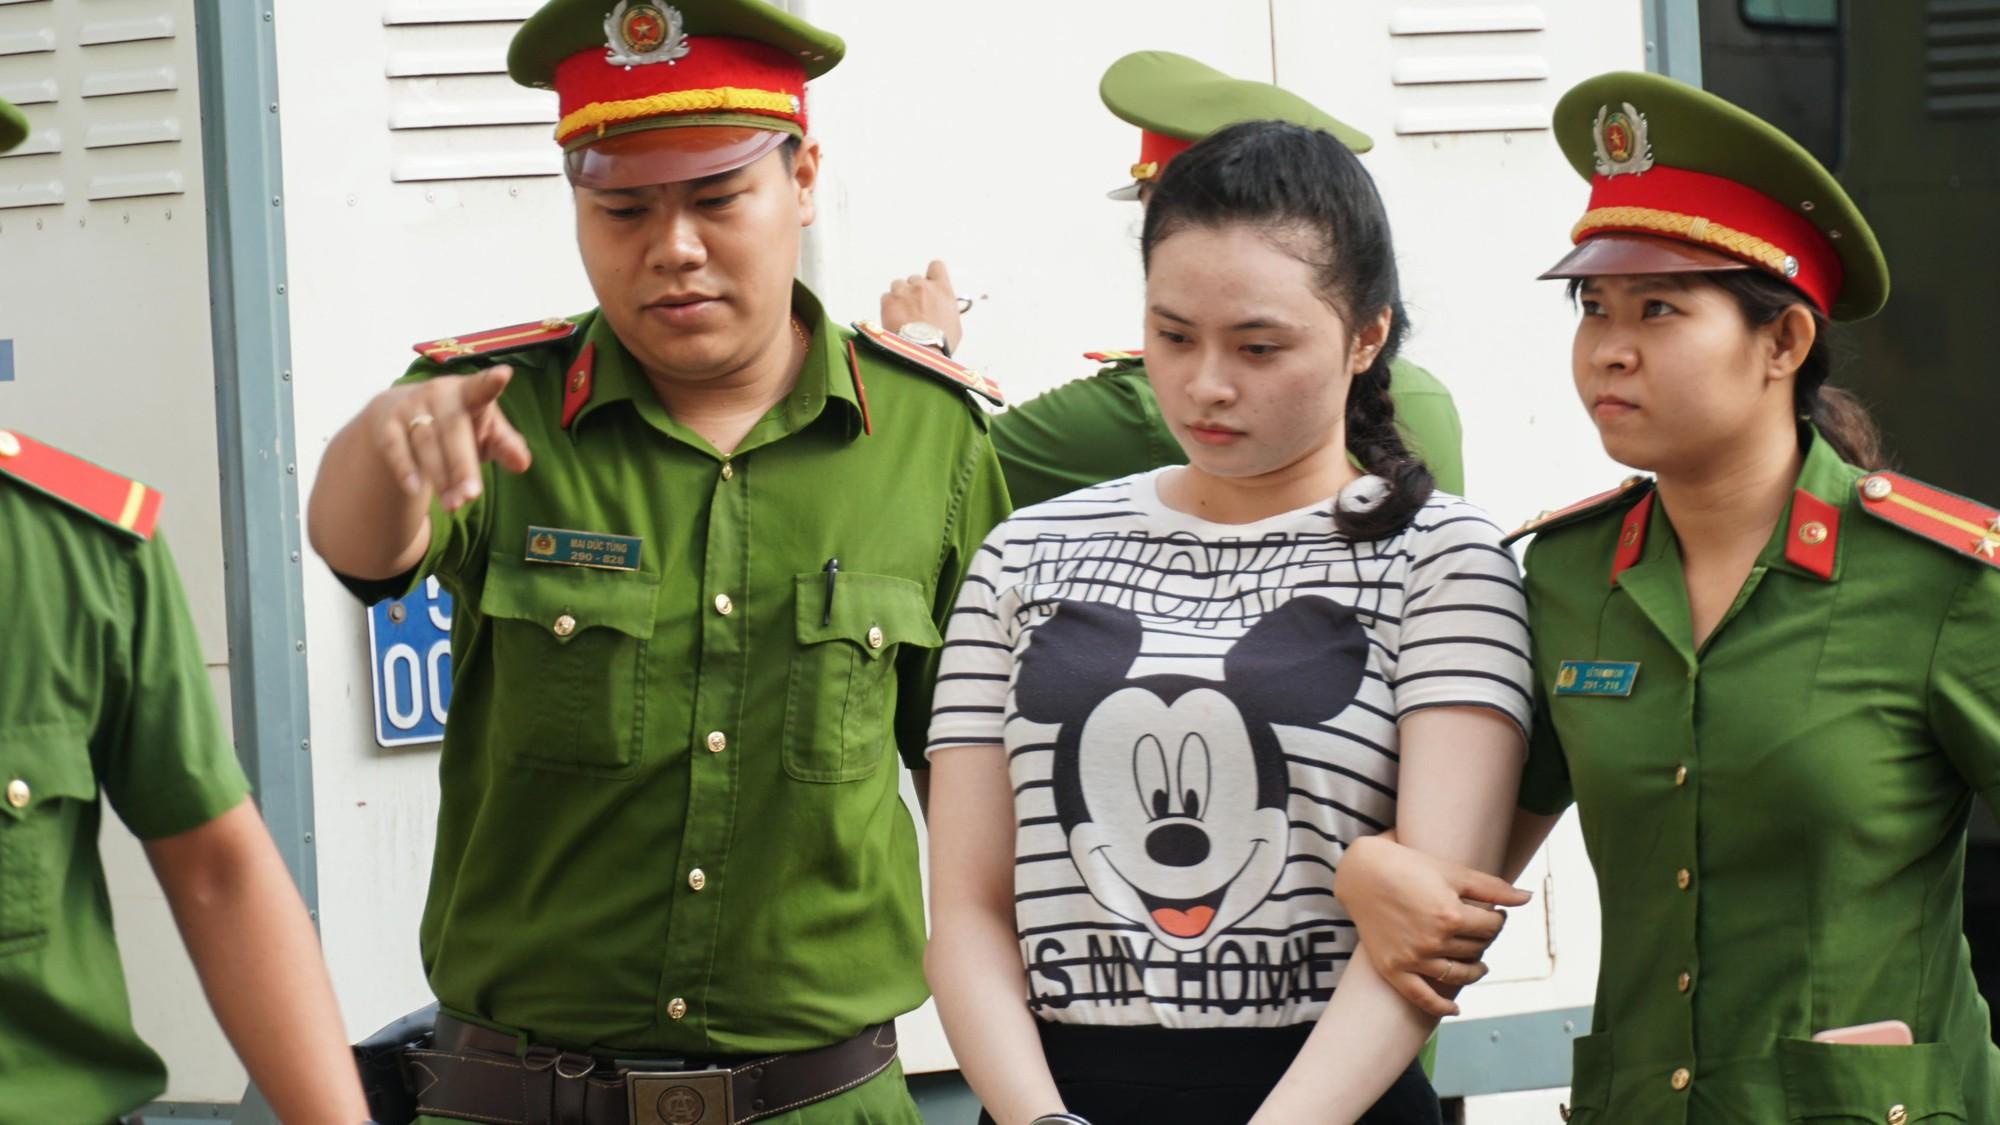 Tin tức pháp luật: Bộ Công an khám xét nhiều cửa hàng của Nhật Cường mobile, khởi tố tài xế say rượu tông chết 2 phụ nữ ở hầm Kim Liên - Ảnh 3.